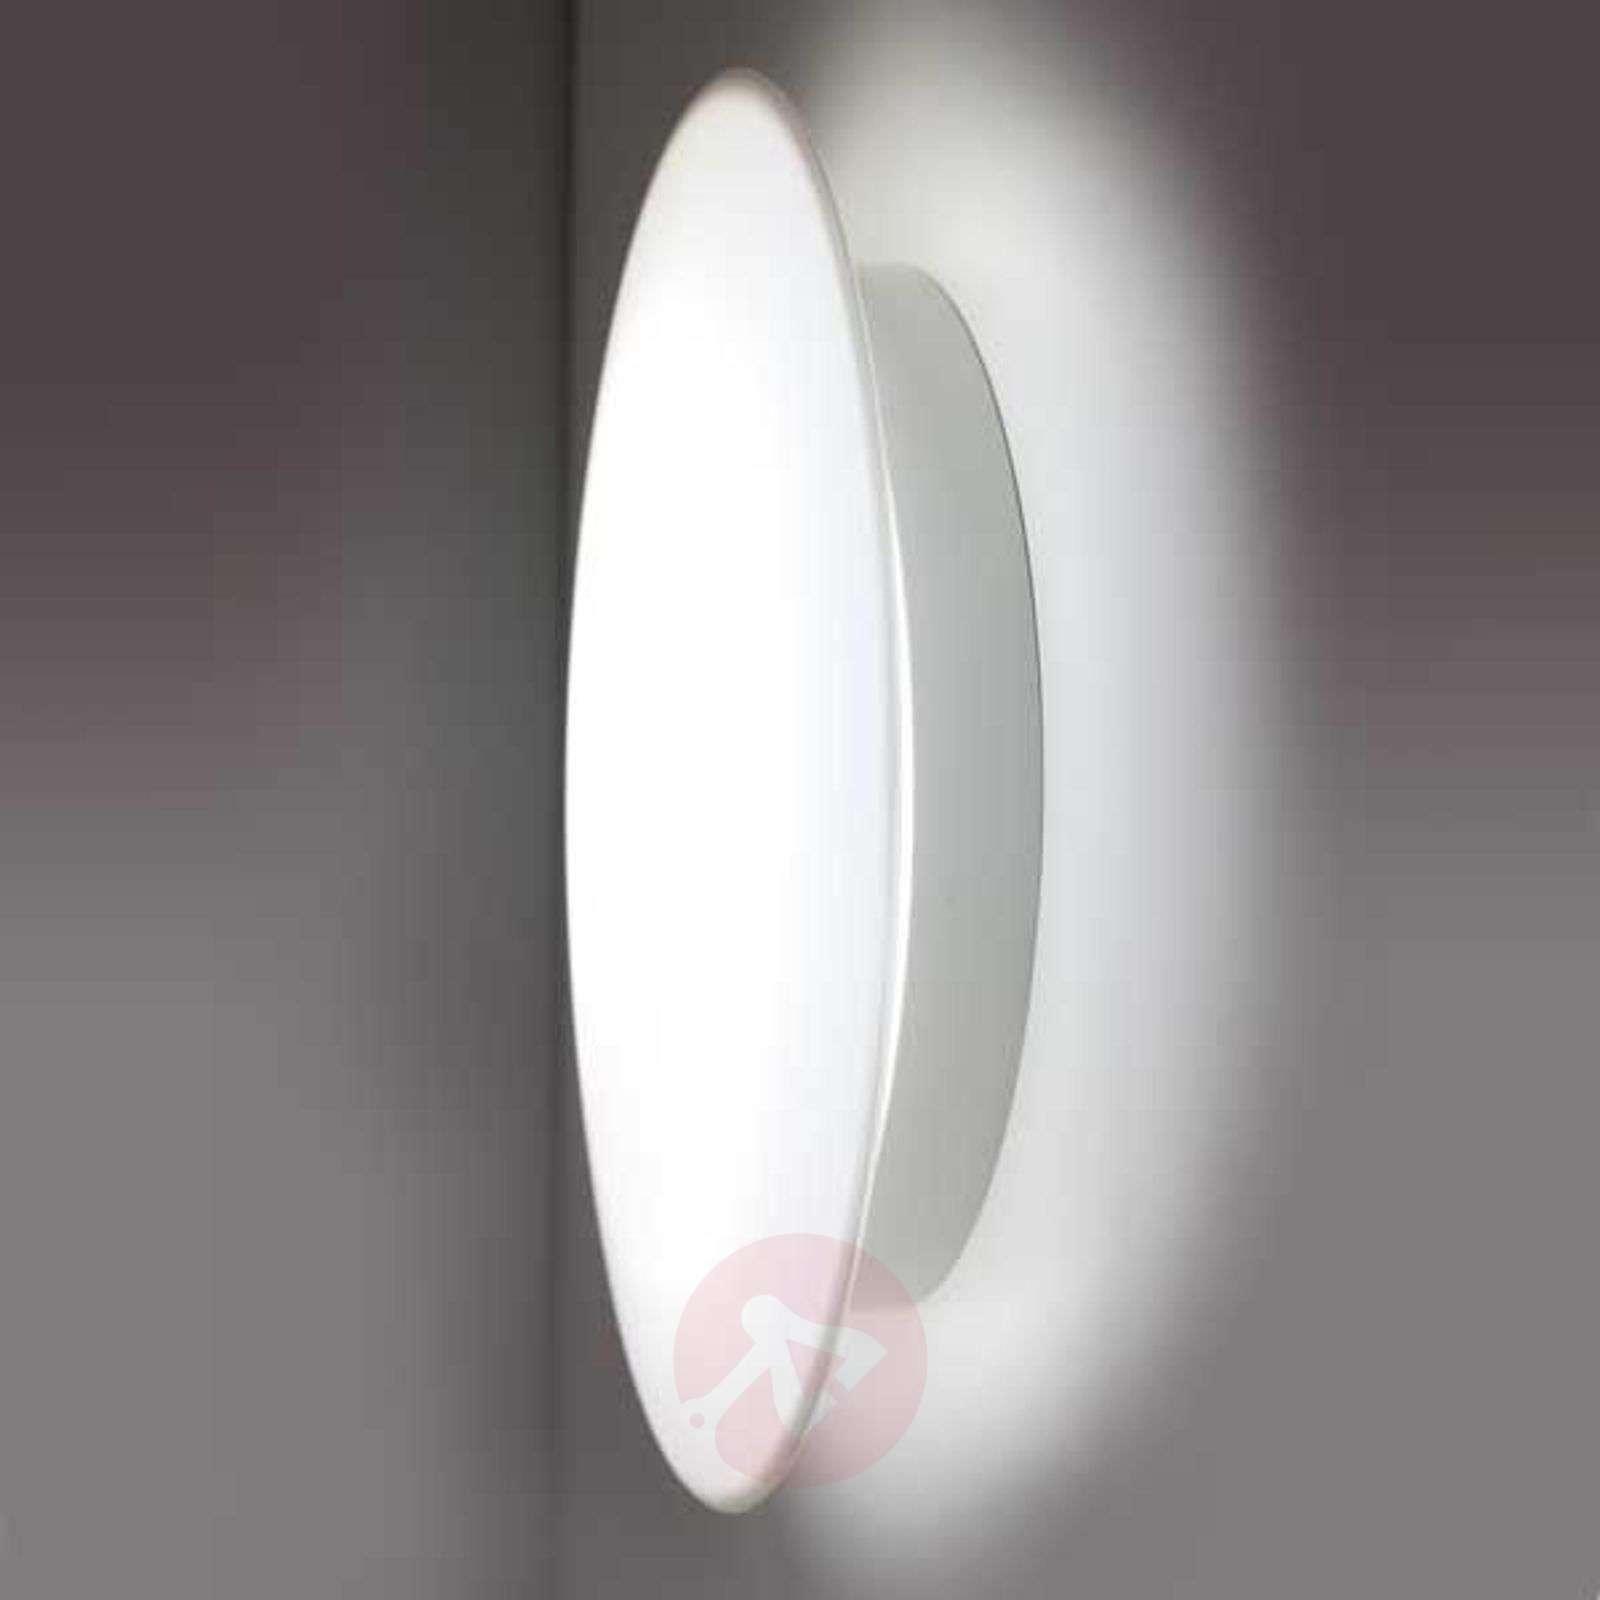 SUN 3 – tulevaisuuden LED-valaisin-1018155X-01